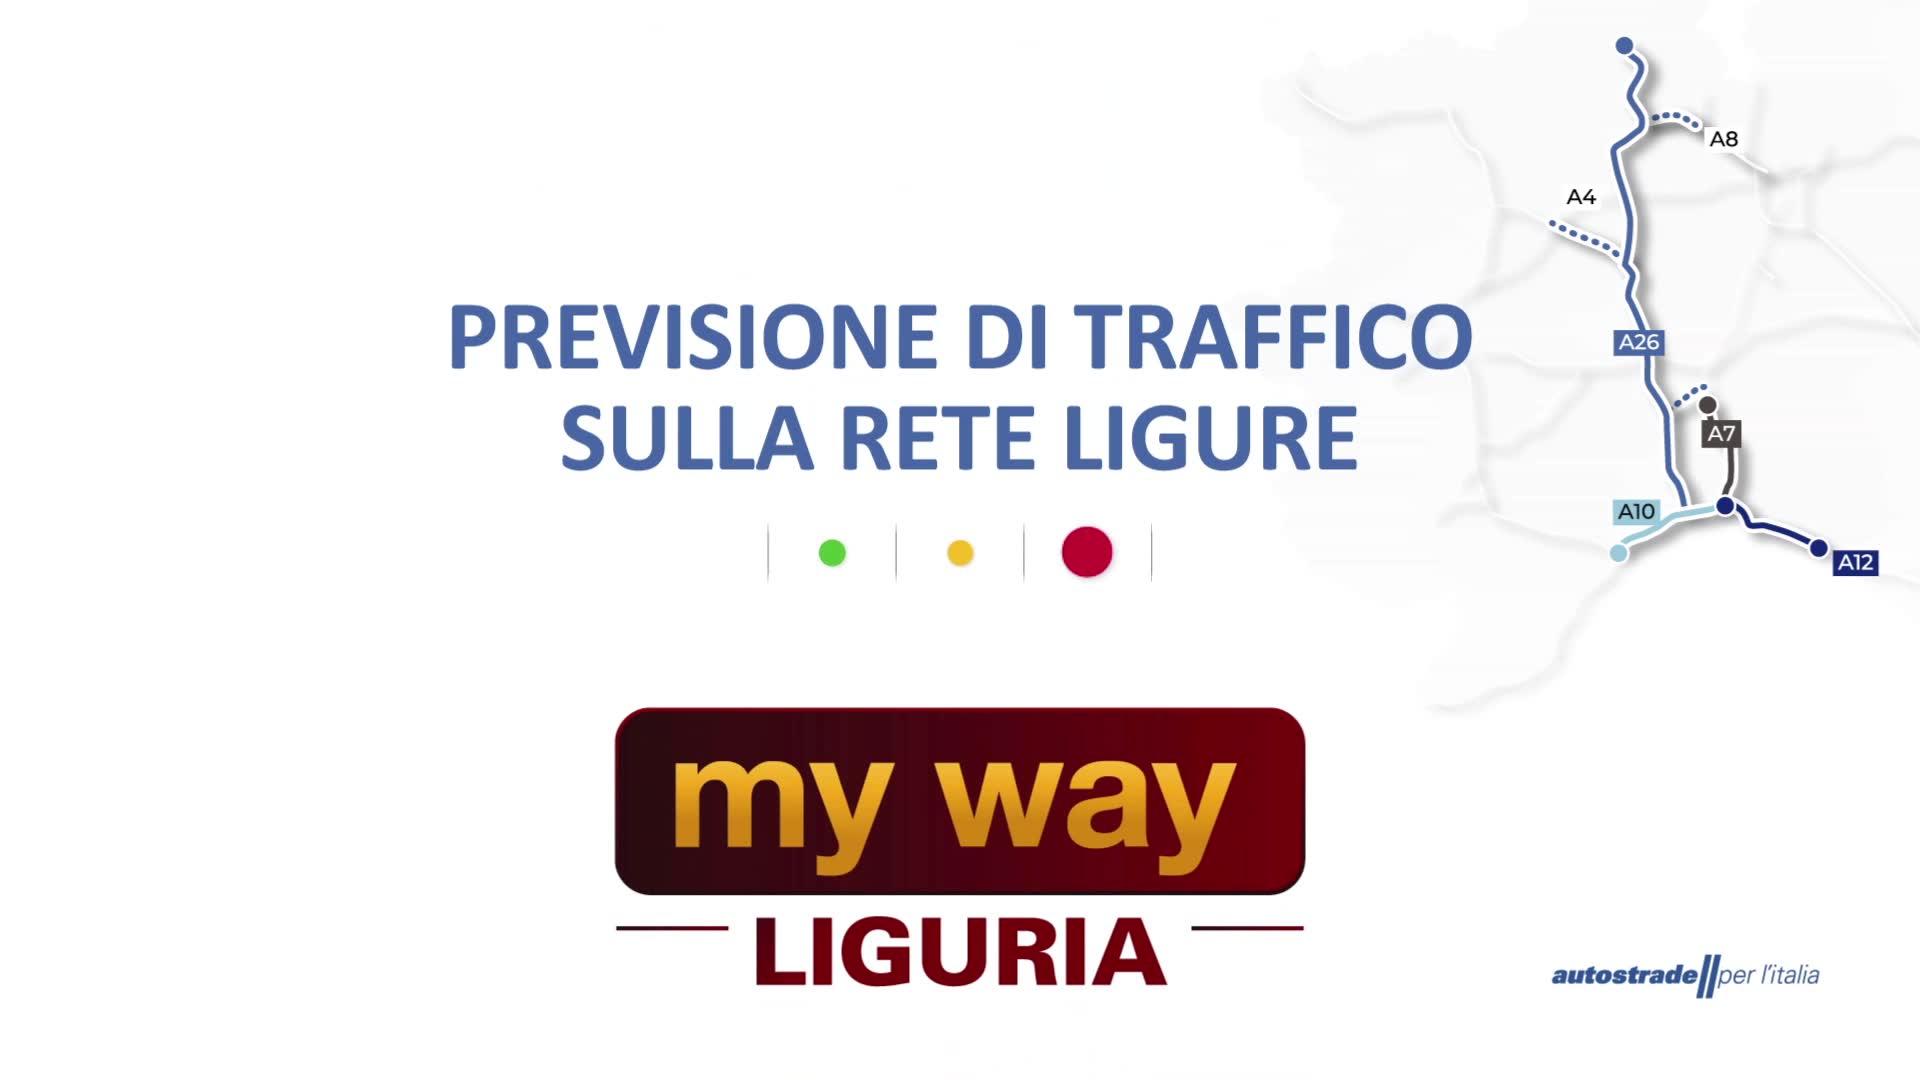 Le previsioni del traffico sulle autostrade della Liguria per giovedì 1 luglio